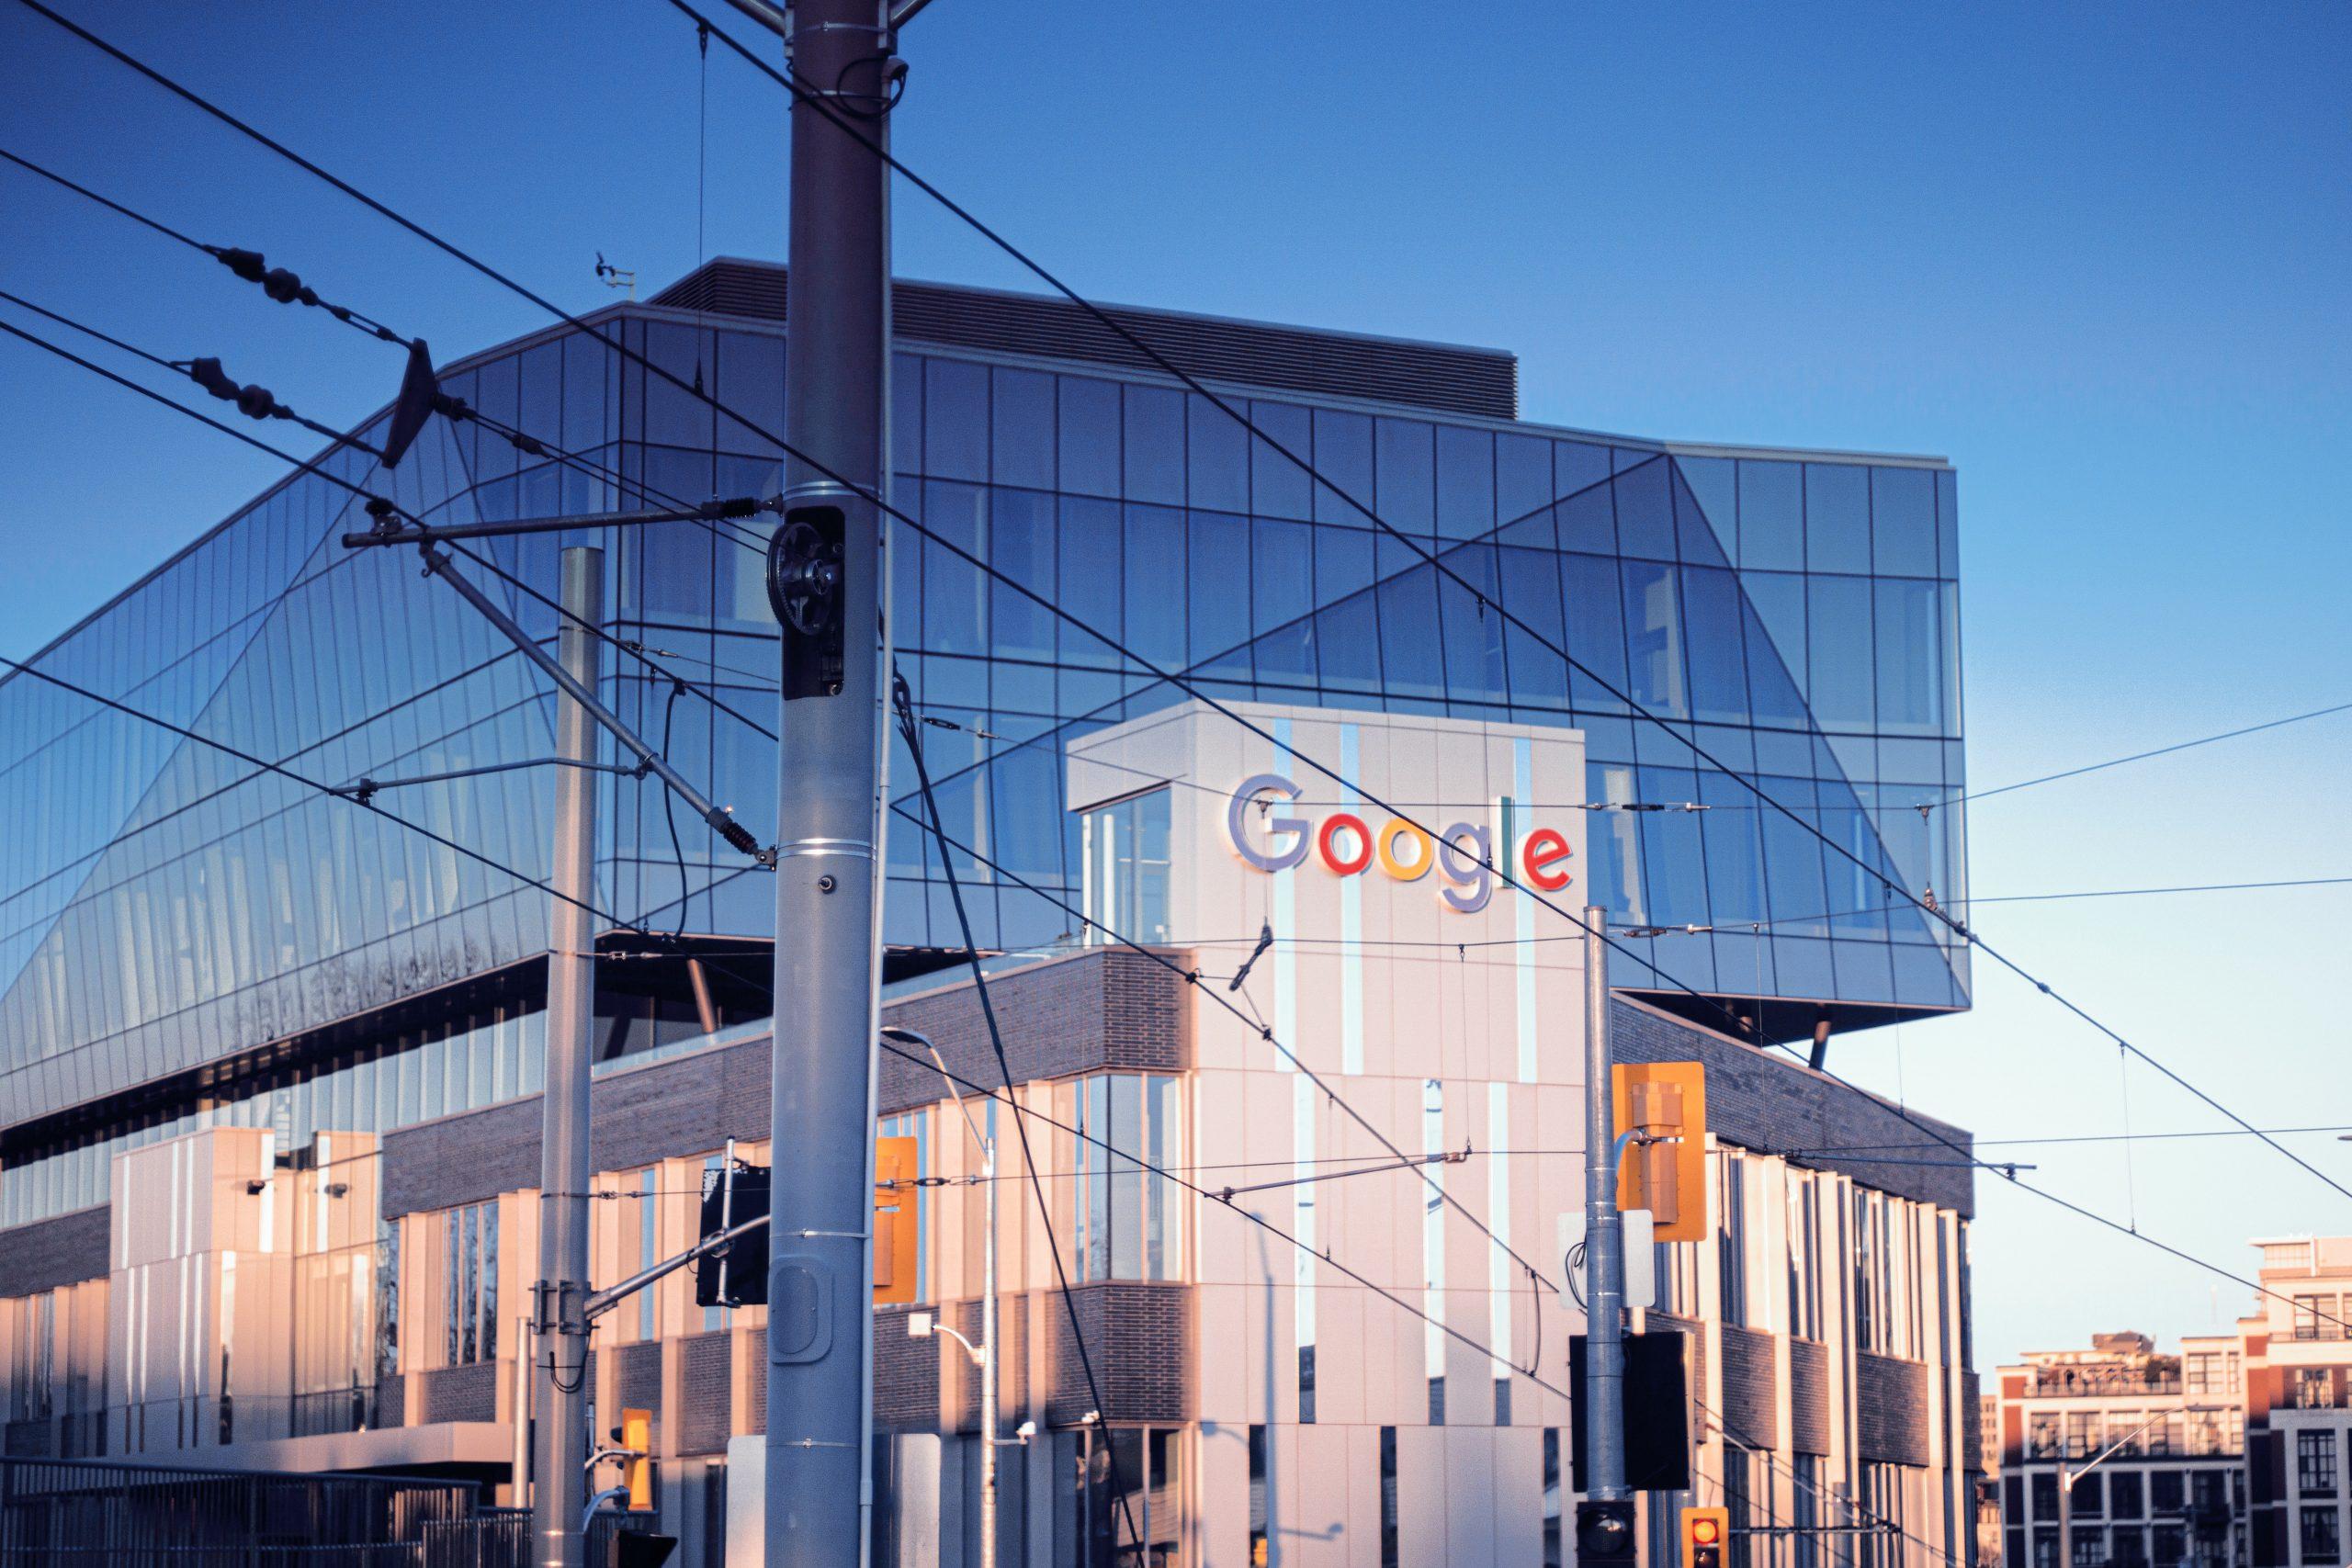 Karyawan Google Kerja 3 Hari di Kantor, 2 Harinya Bebas! Duh Enaknya